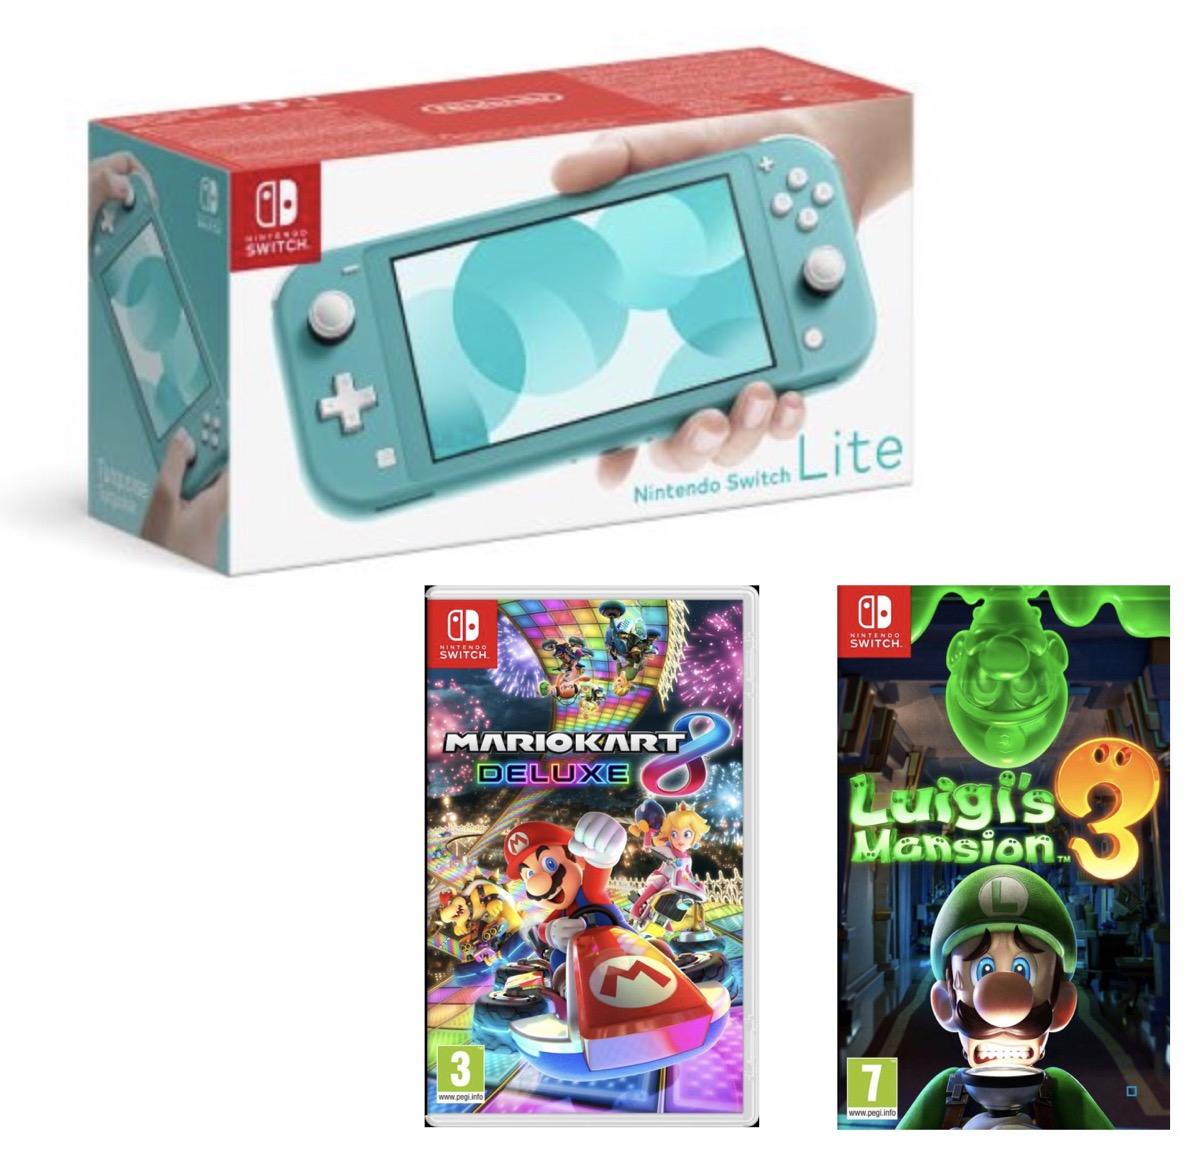 Code promo Fnac : 1 console Nintendo Switch Lite = -50% sur les jeux Luigis's Mansion 3 ou Mario Kart 8 Deluxe